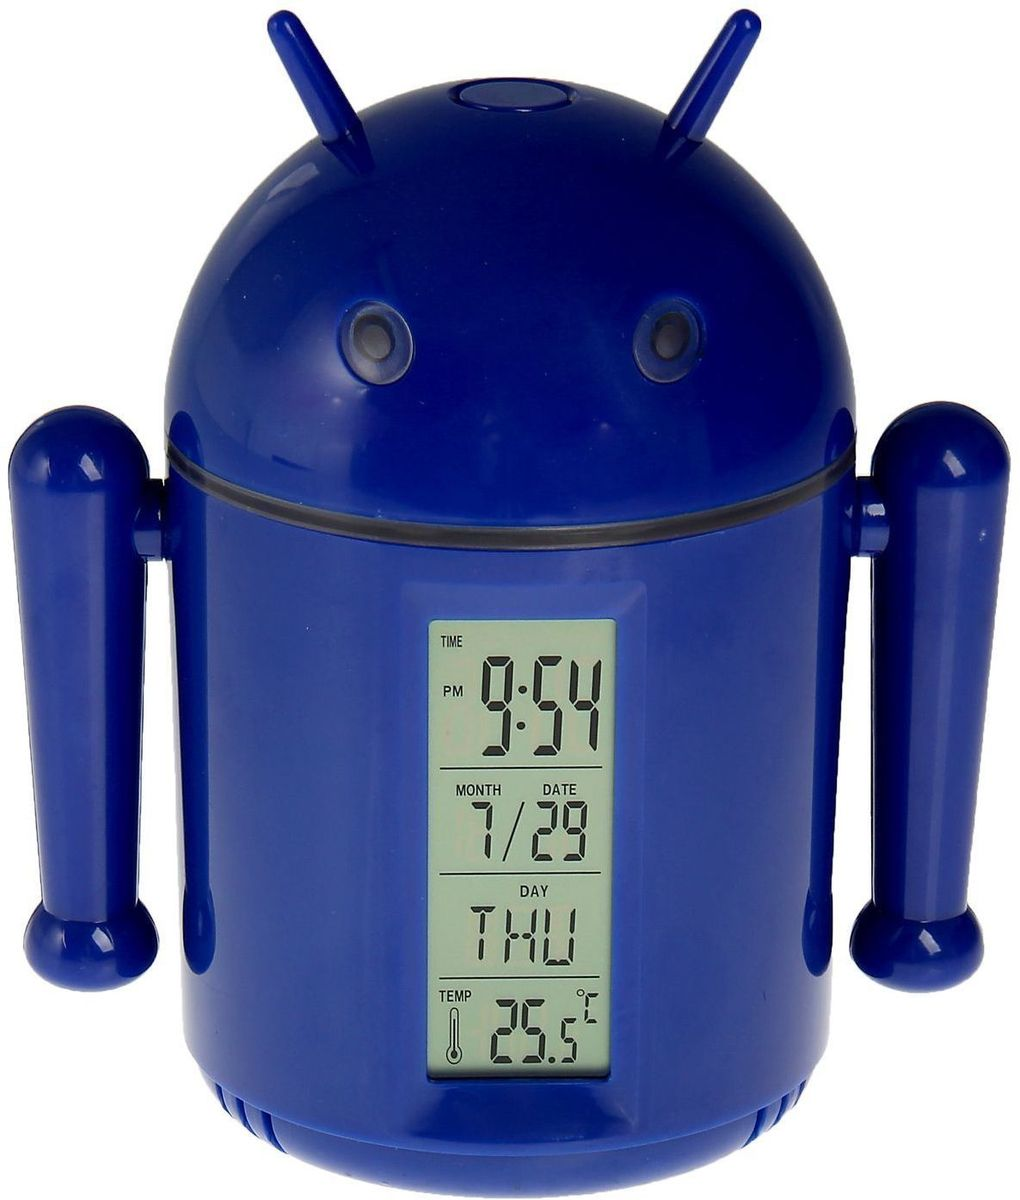 Sima-land Лампа настольная сенсорная Робот цвет синий1193589Сегодня особо ценятся уникальные креативные предметы интерьера, и настольная сенсорная лампа Sima-land Робот как раз из их числа. Лампа выполнена из качественного пластика в виде забавного зеленого робота с рожками. Голова робота поднимается над корпусом с помощью телескопических держателей и может поворачиваться под любым углом. На нижней поверхности головы робота расположены 20 ярких светодиодов, которые включаются с помощью кнопки на его макушке.Если провести пальцем или рукой между глаз робота, то они будут светиться. Руки робота подвижны. На лицевой стороне корпуса расположен жидкокристаллический дисплей, отображающий информацию о времени суток, дате и температуре окружающего воздуха. На нижней поверхности корпуса есть кнопочная панель для настройки часов, будильника, календаря и переключения отображения температуры в градусах Цельсия или Фаренгейта.Оригинальную лампу можно установить на стол или любую ровную поверхность, можно подвесить с помощью ремешка (в комплекте) или прикрепить к металлической поверхности за счет встроенного в основание корпуса магнита. Эта удивительная лампа станет украшением вашего интерьера и поднимет настроение.Лампа работает от встроенного аккумулятора на 1200 mAh.За счет его значительной емкости лампу также можно использовать для подзарядки смартфона или другого устройства через USB (кабель зарядки в комплекте). Аккумулятор заряжается от порта USB с помощью прилагаемого кабеля.